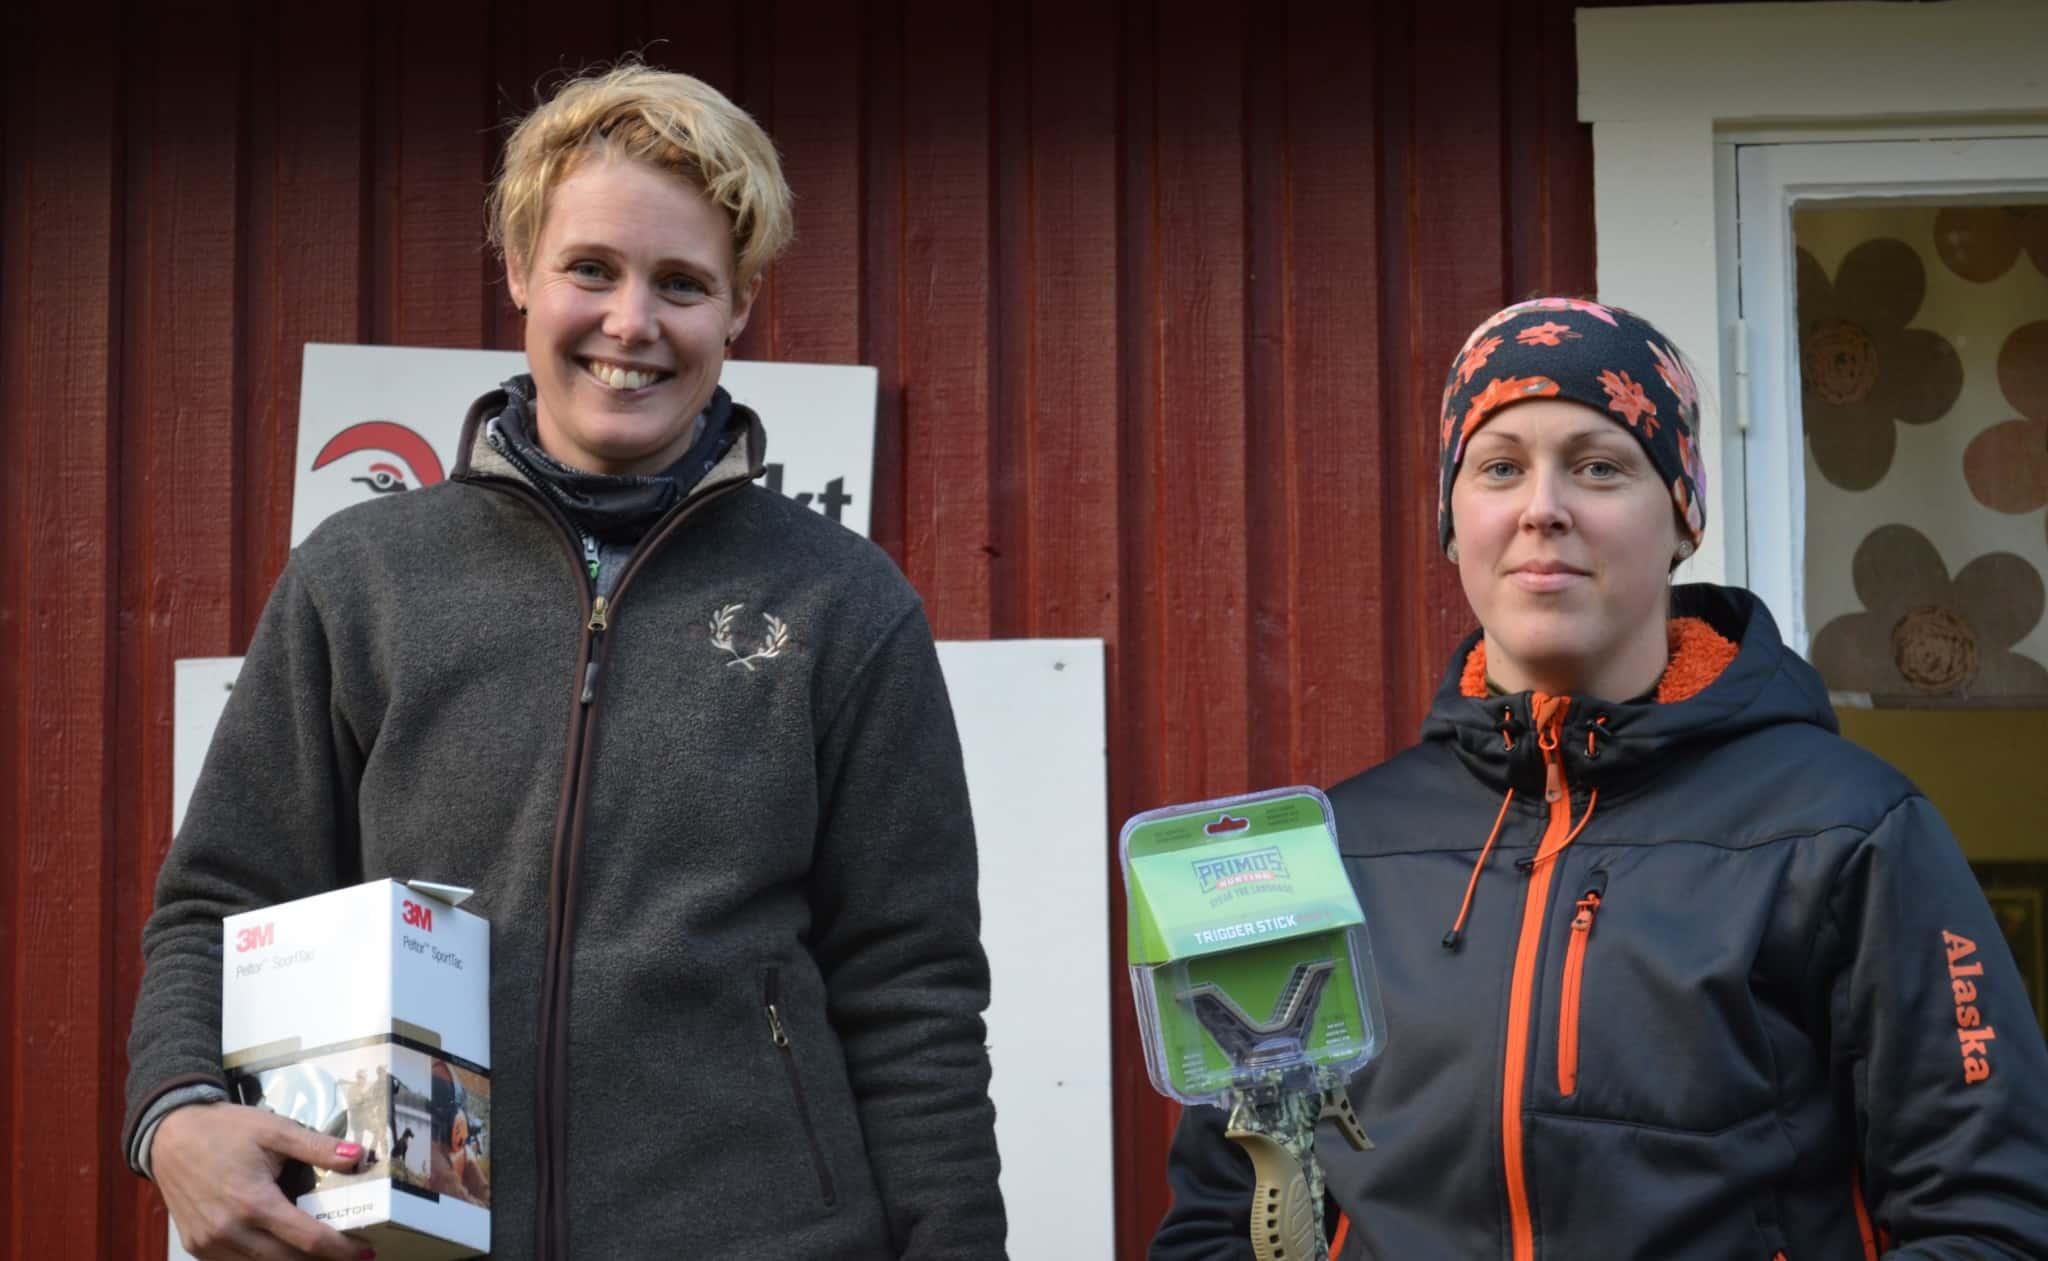 Duktiga skyttar. Från vänster segrare i damklassen Elin Runarsson och trean Jenny Holm. Saknas gör tvåan Melinda Runarsson. Foto: Lars Björk